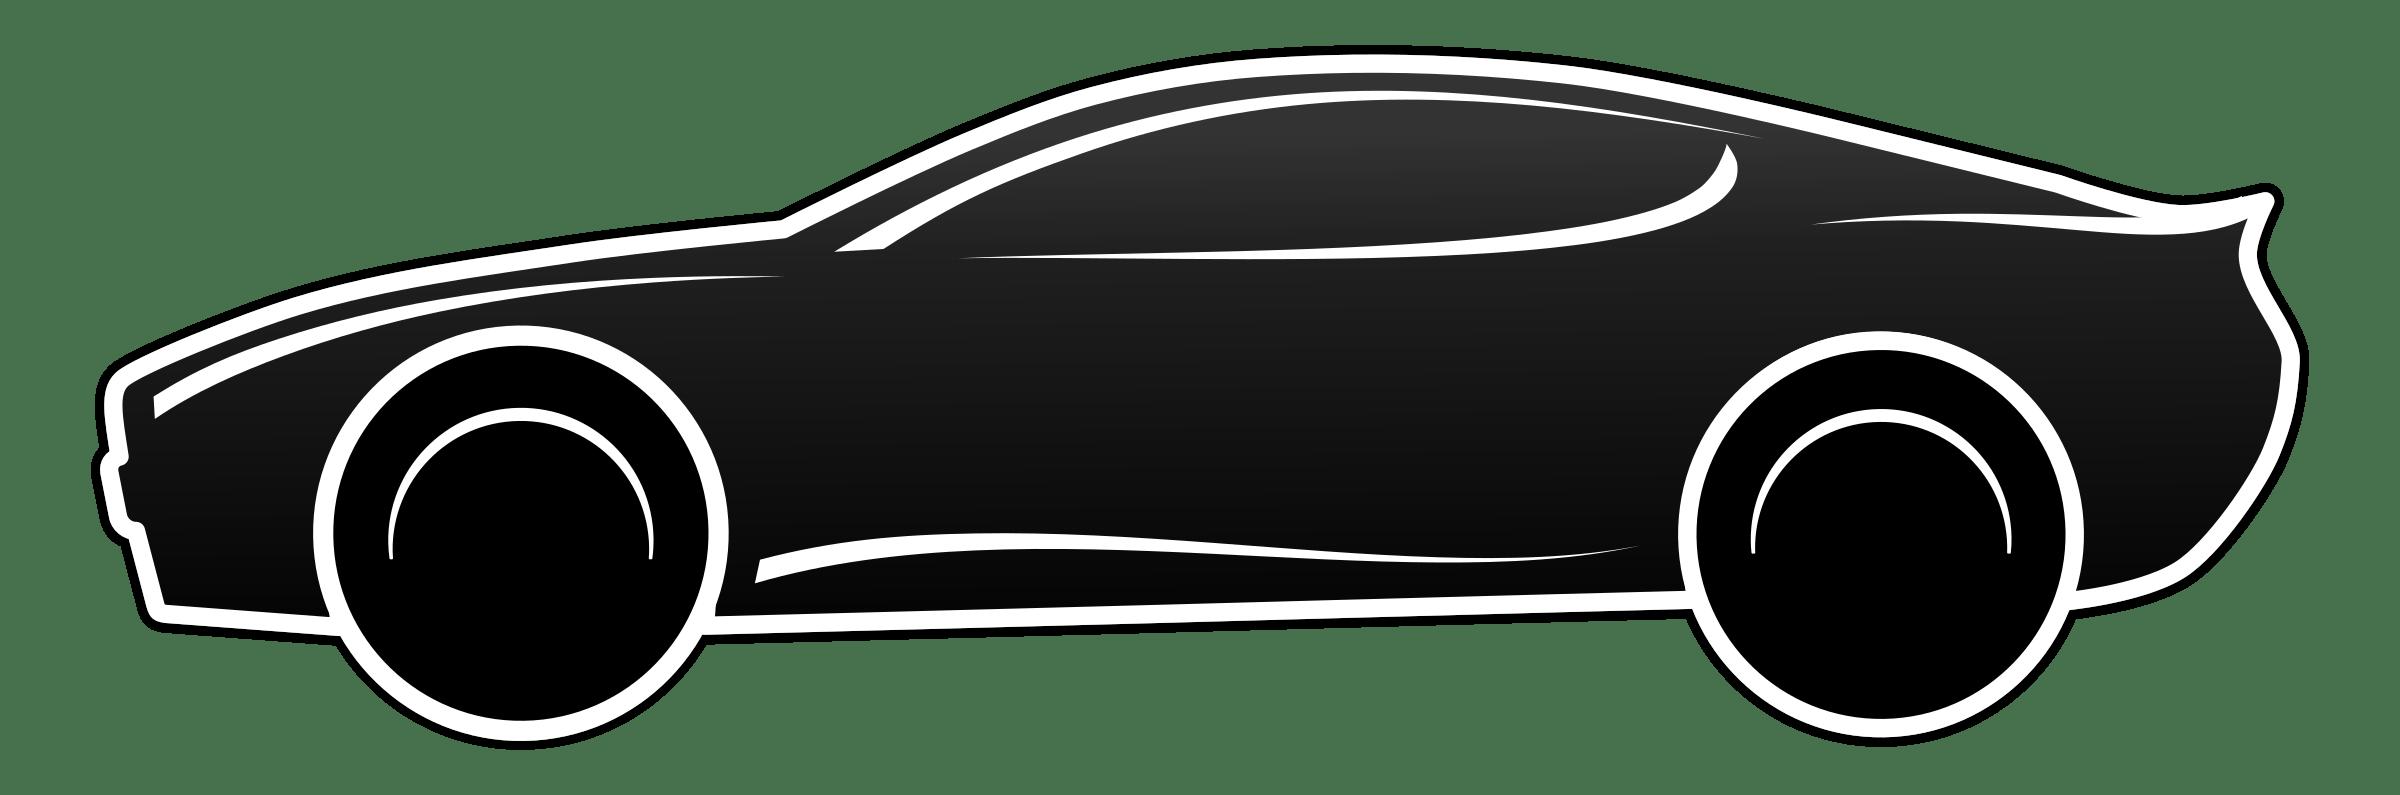 Cool car clipart 3 » Clipart Portal.